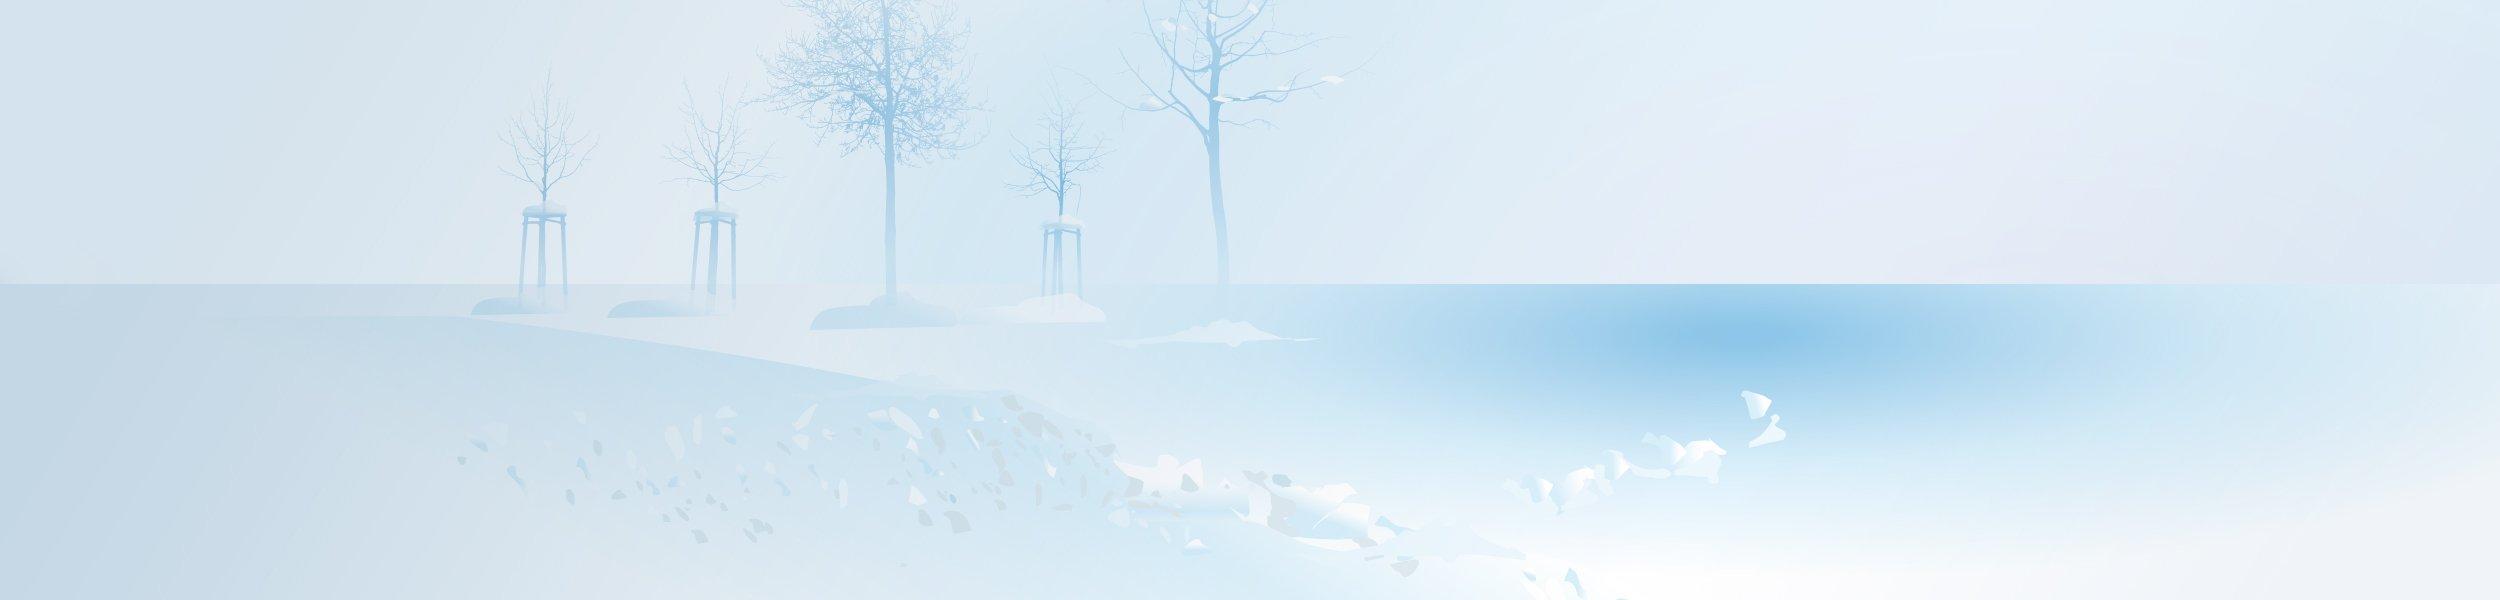 Schnee- und Eisbeseitigung, Winterdienst in NRW